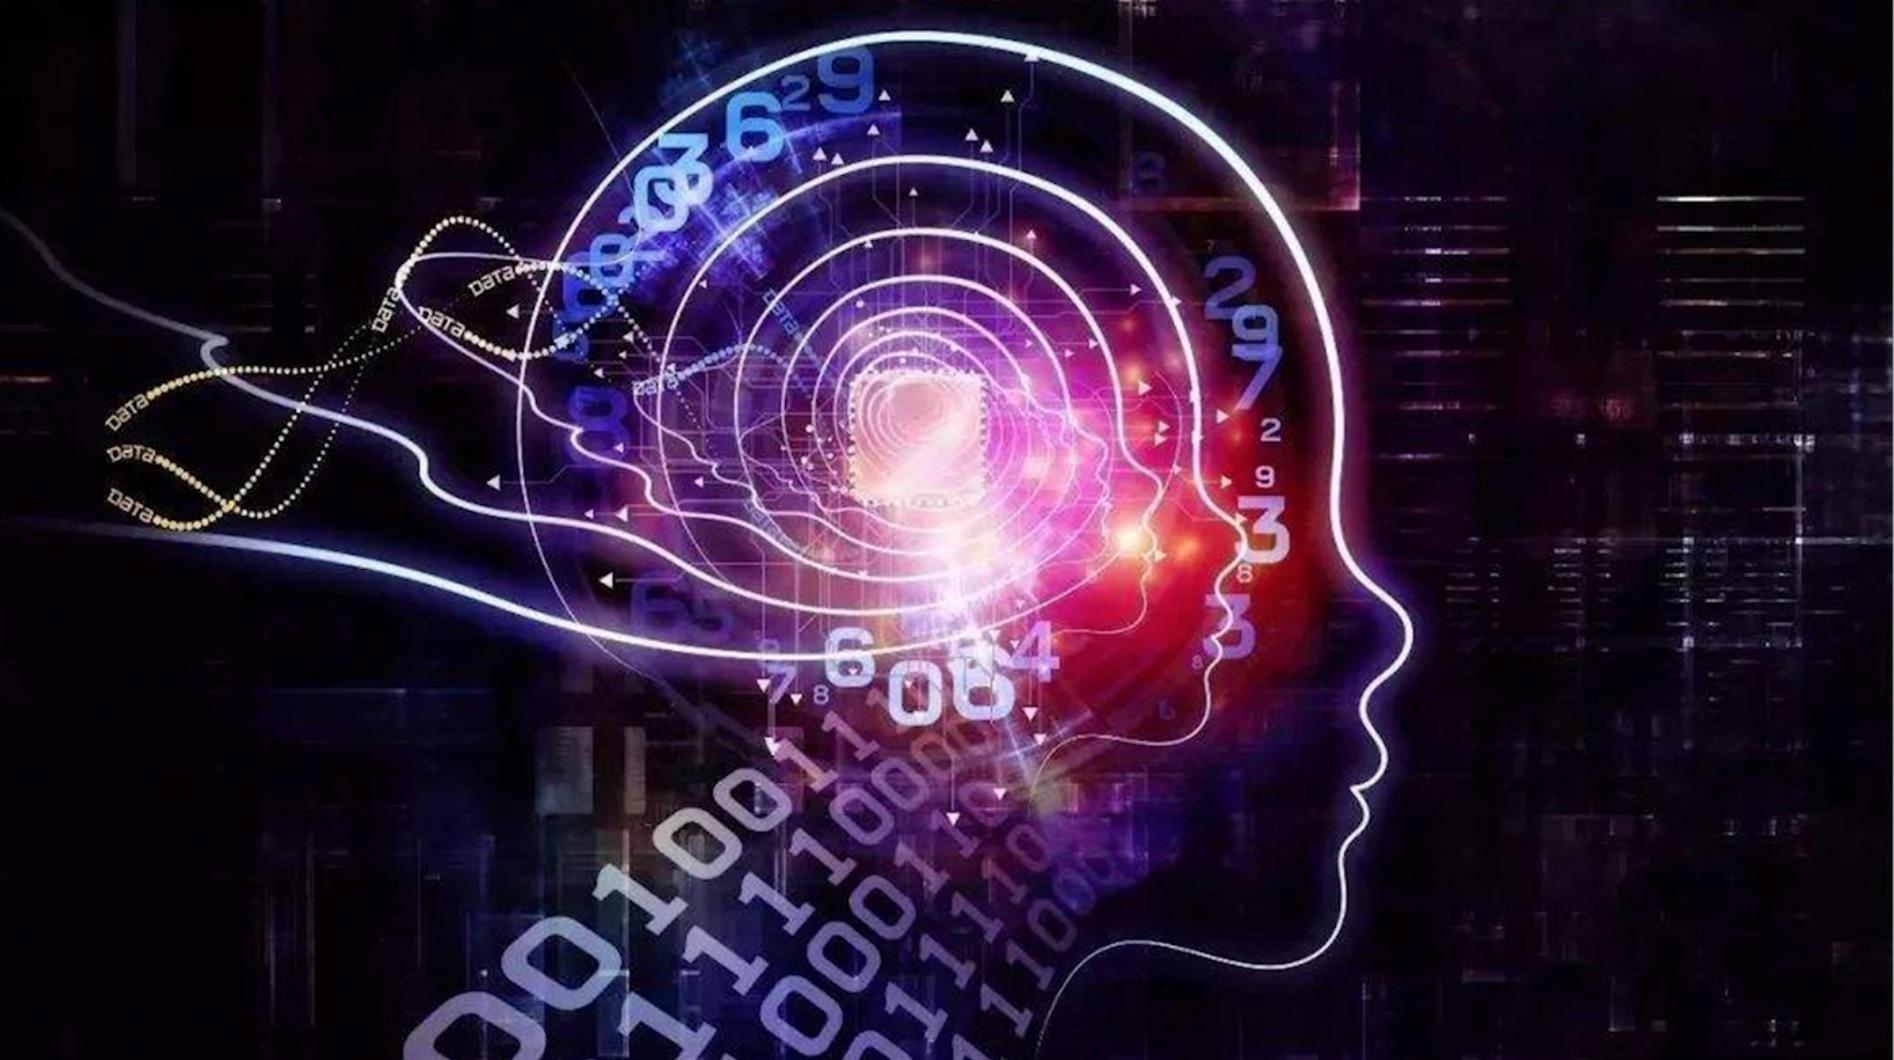 盈方入股以色列人工智能视频增强公司